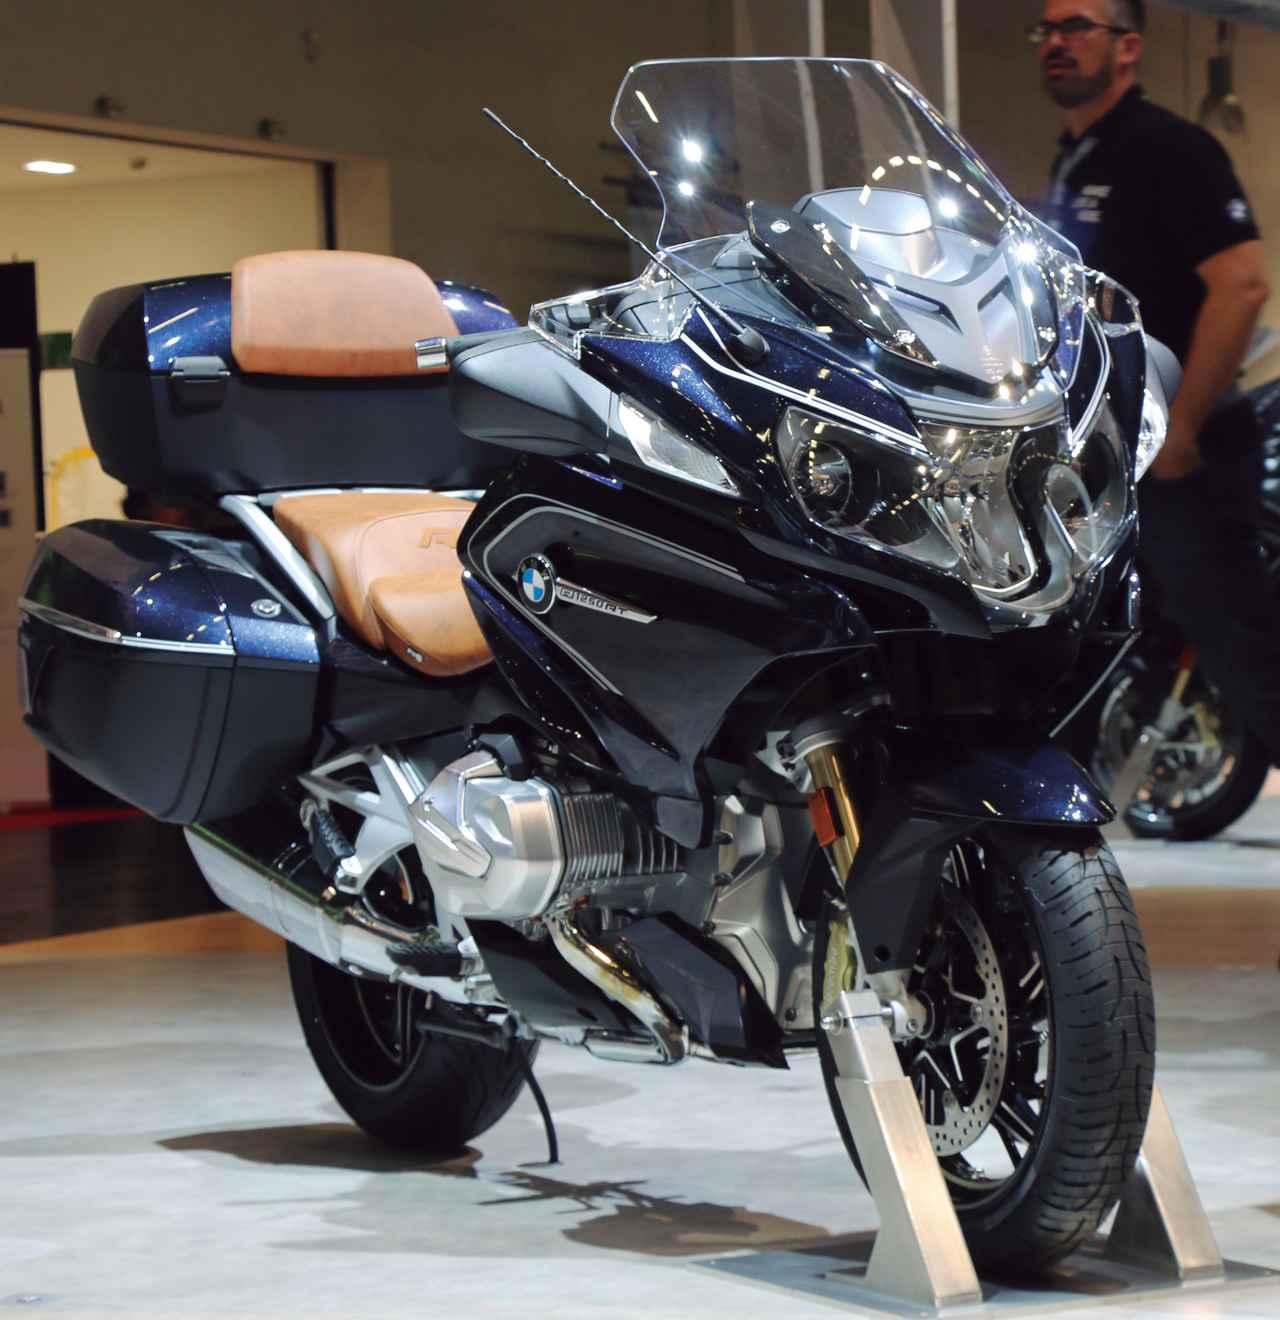 Images : 1番目の画像 - 「伝統のフラットツインを大幅に改良したツーリングモデルの最高峰『BMW R1250RT』」のアルバム - webオートバイ